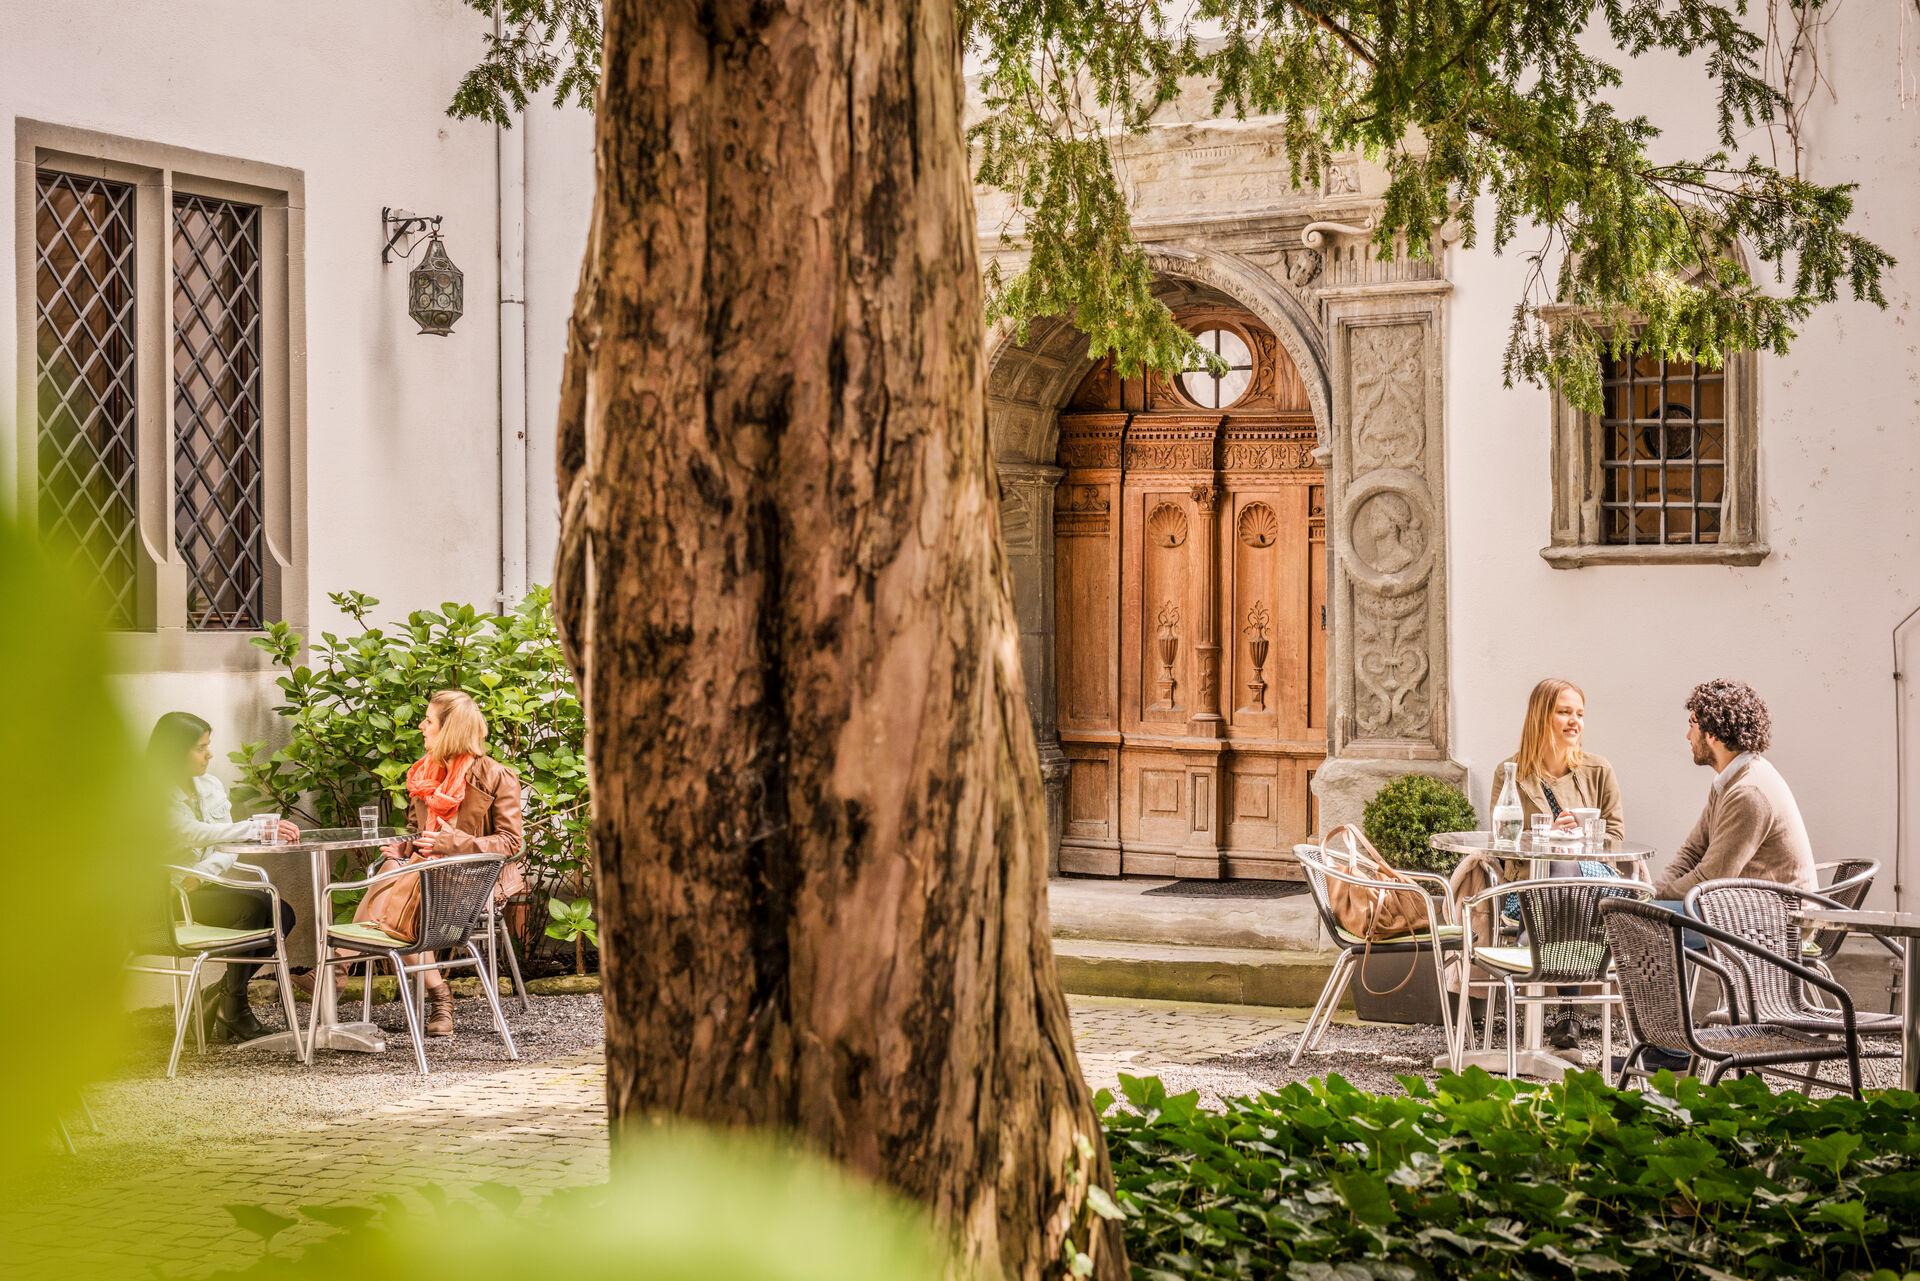 Konstanz-Rosgartenmuseum-Innenhof-03_Fruehling_Copyright_MTK-Dagmar-Schwelle